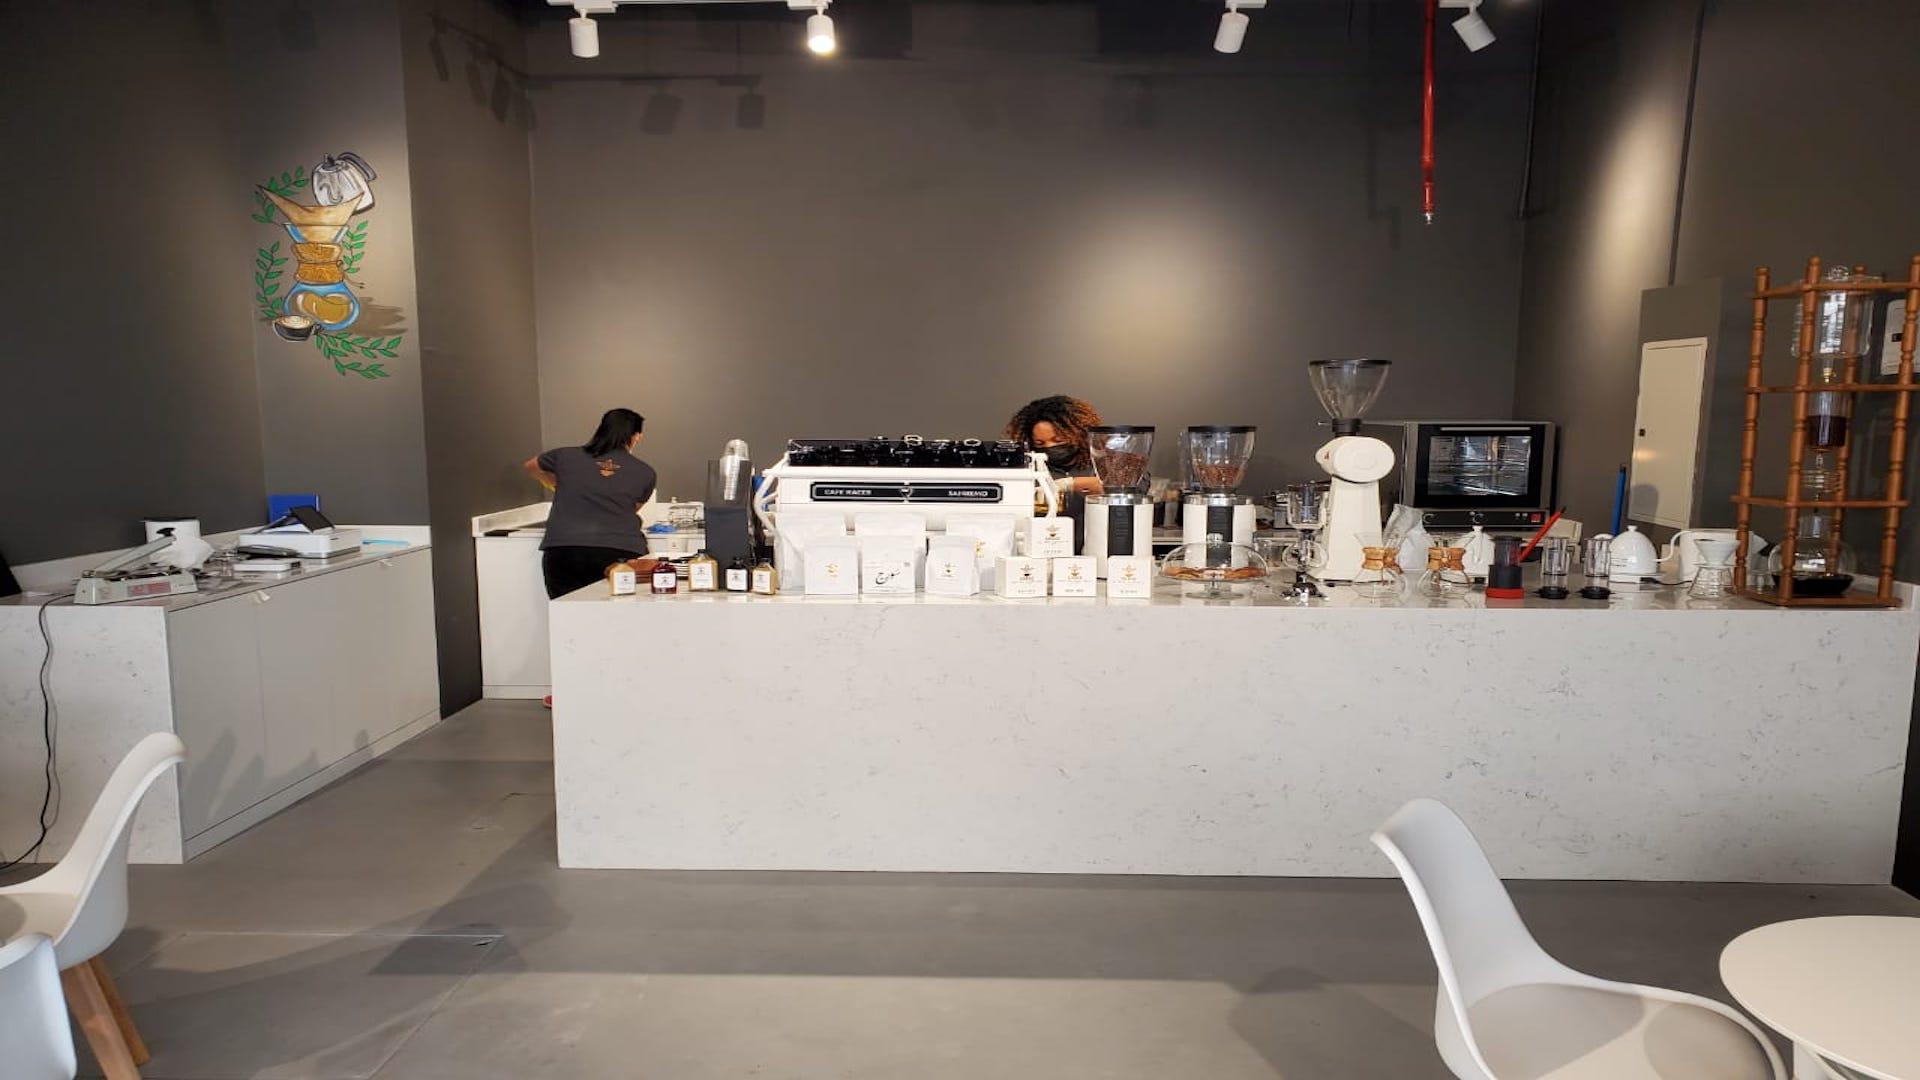 Surge Coffee